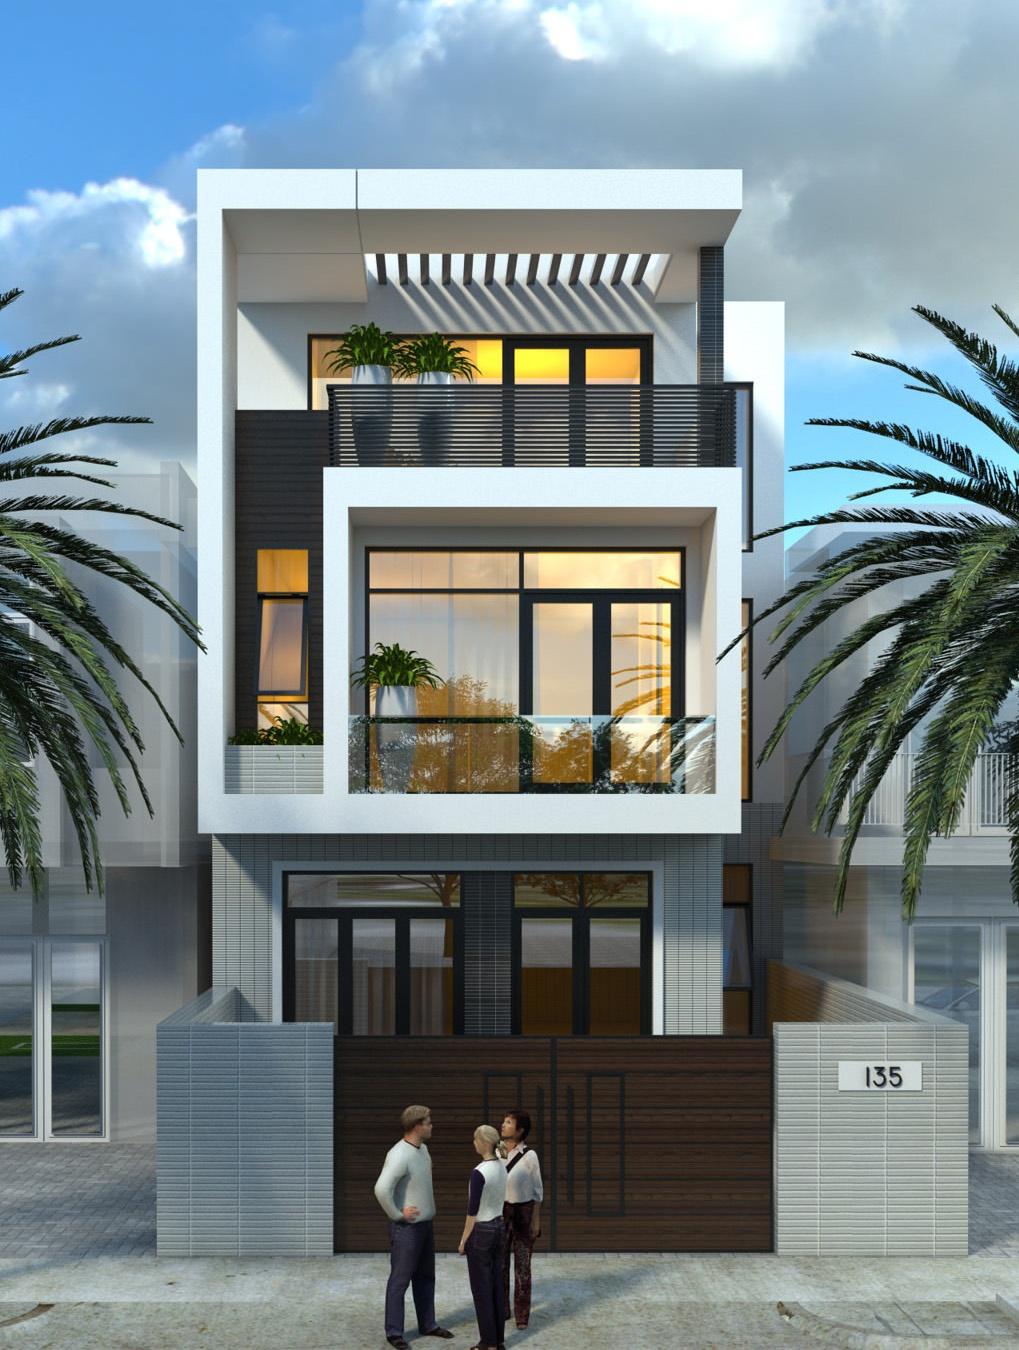 Mẫu thiết kế nhà đẹp mặt tiền 5m này được phối cảnh theo phong cách hiện đại, đầy trẻ trung